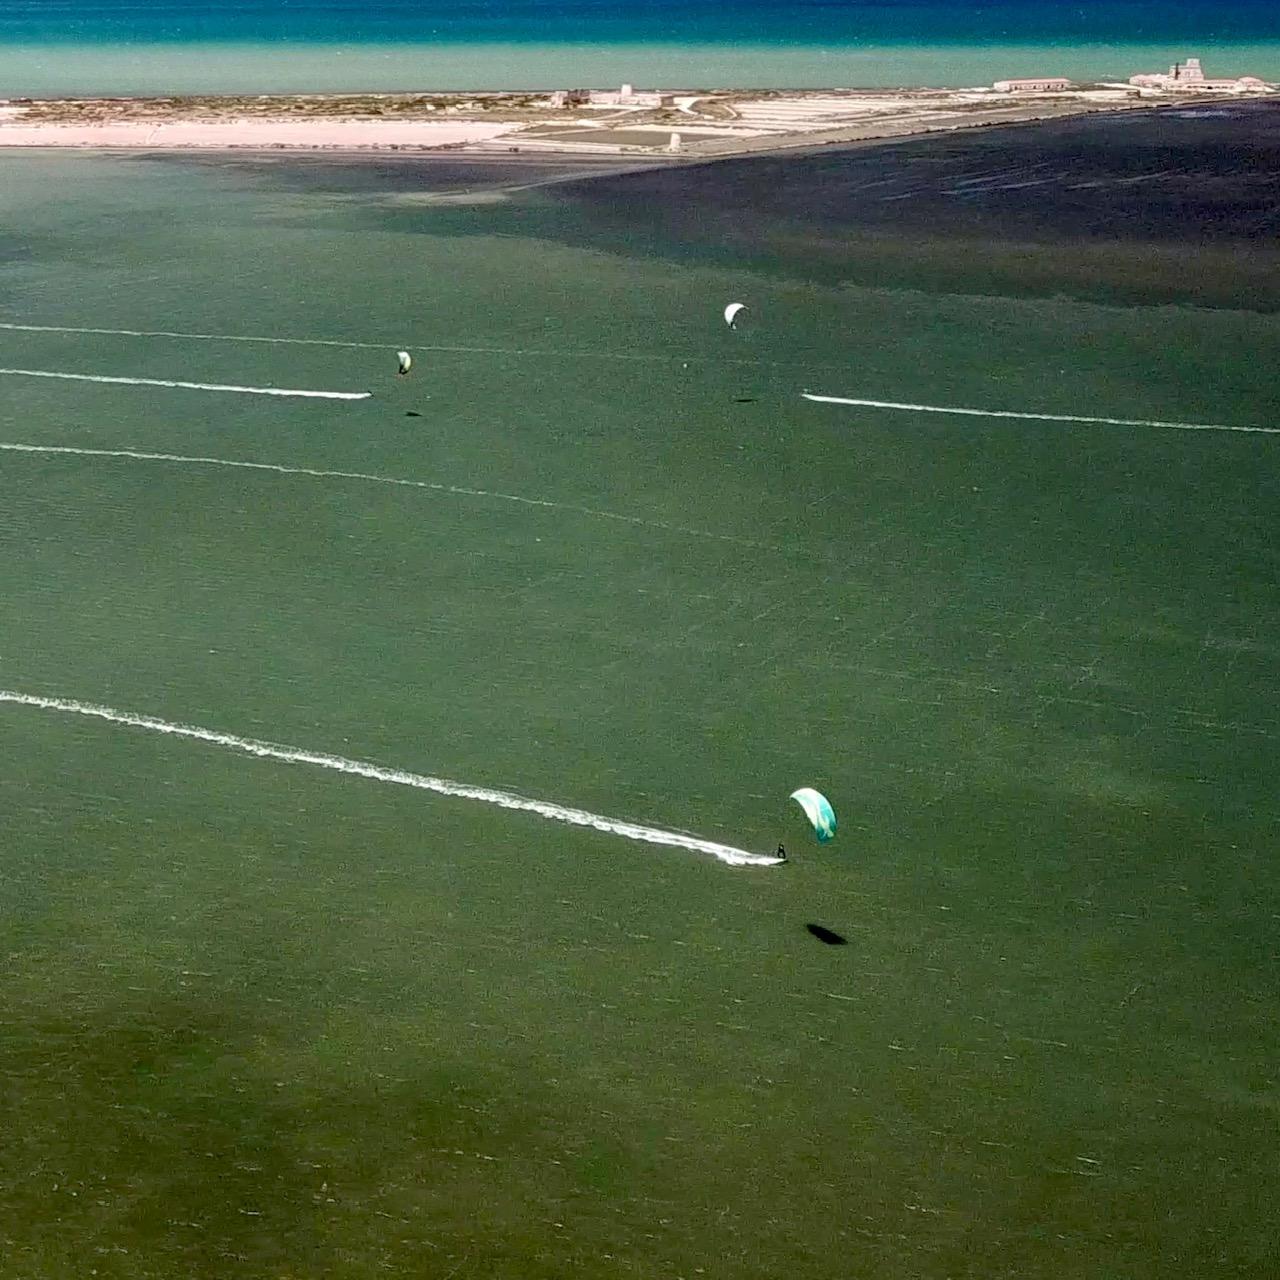 europe spot for beginners, kite spot for beginners, kitespot for beginners